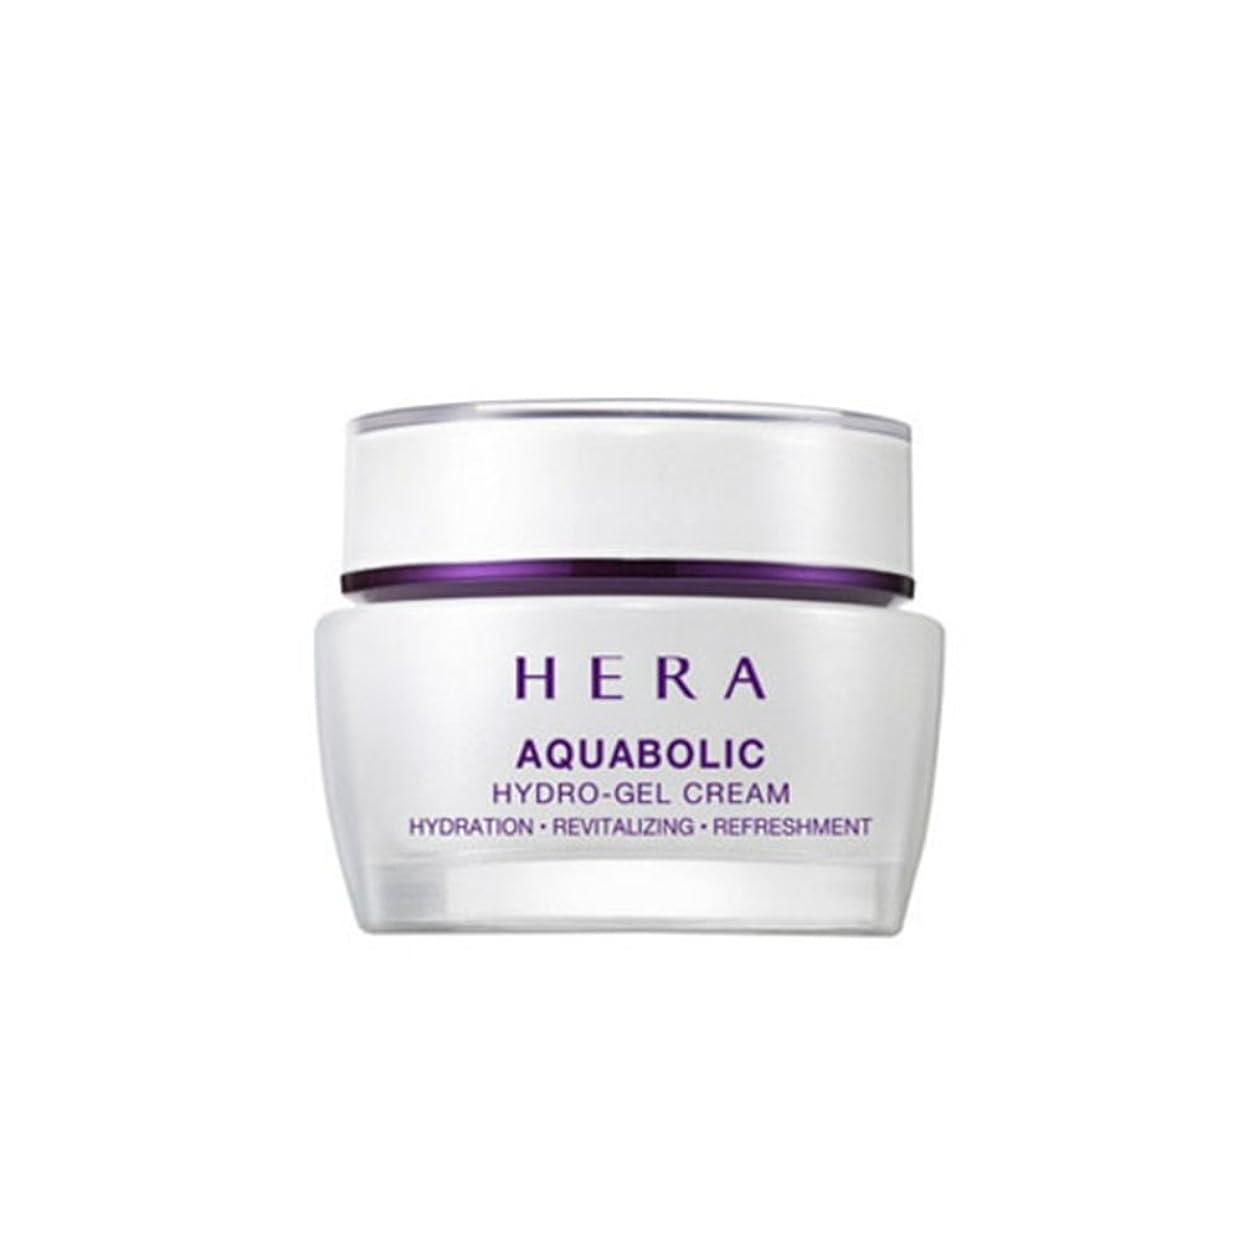 もう一度集団予想する(ヘラ) HERA Aquabolic Hydro-Gel Cream アクアボリックハイドロゲル クリーム (韓国直発送) oopspanda